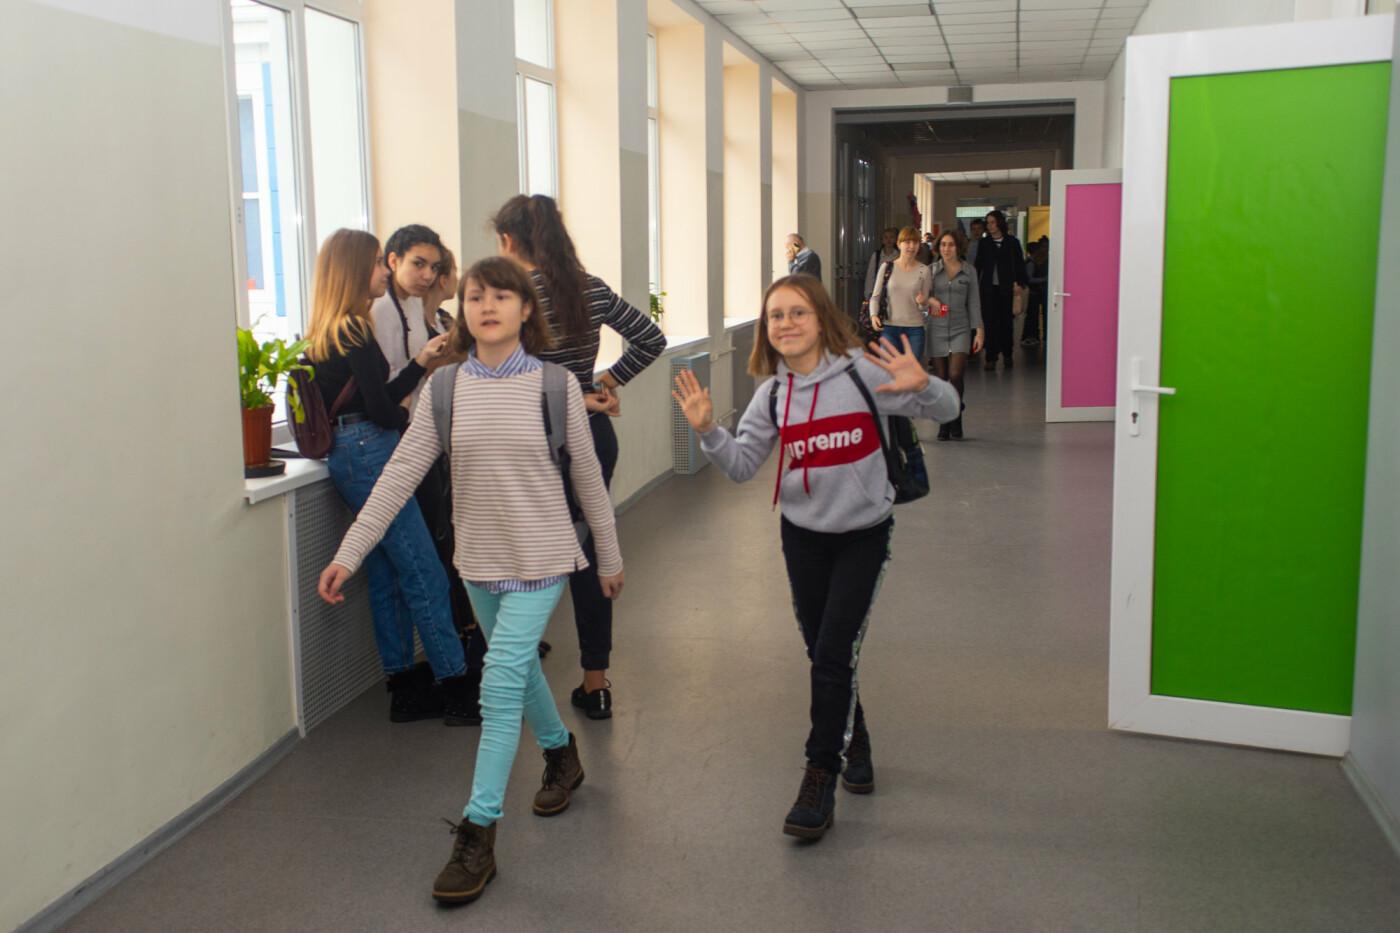 В Днепре старая школа превратилась в яркую и современную, - ФОТО, фото-3